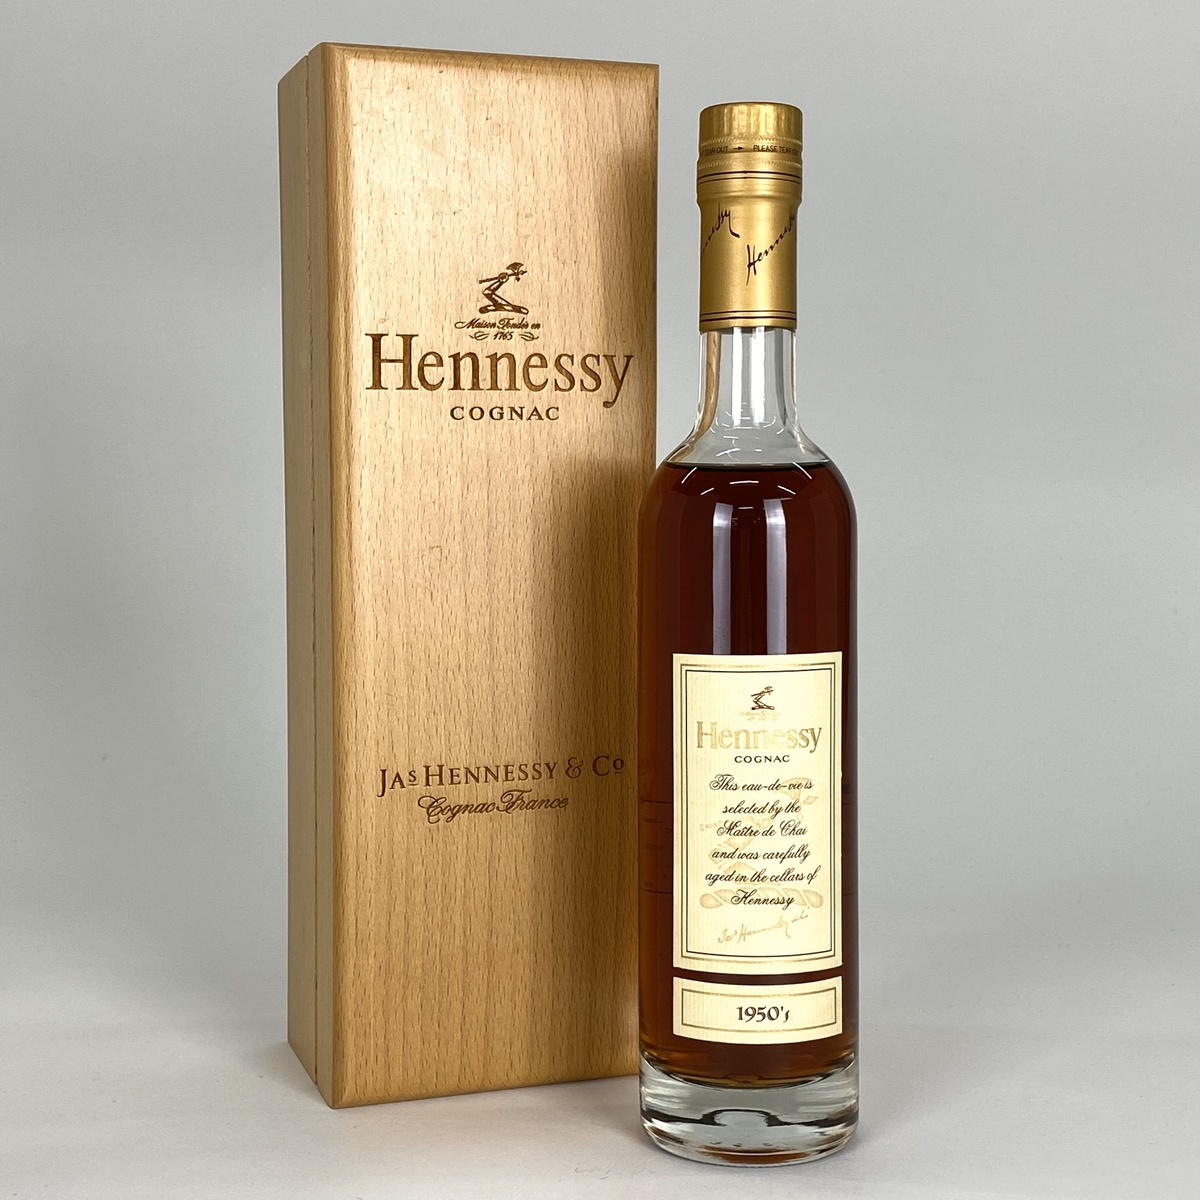 ヘネシー Hennessy 1950 木箱 350ml ブランデー コニャック 【古酒】